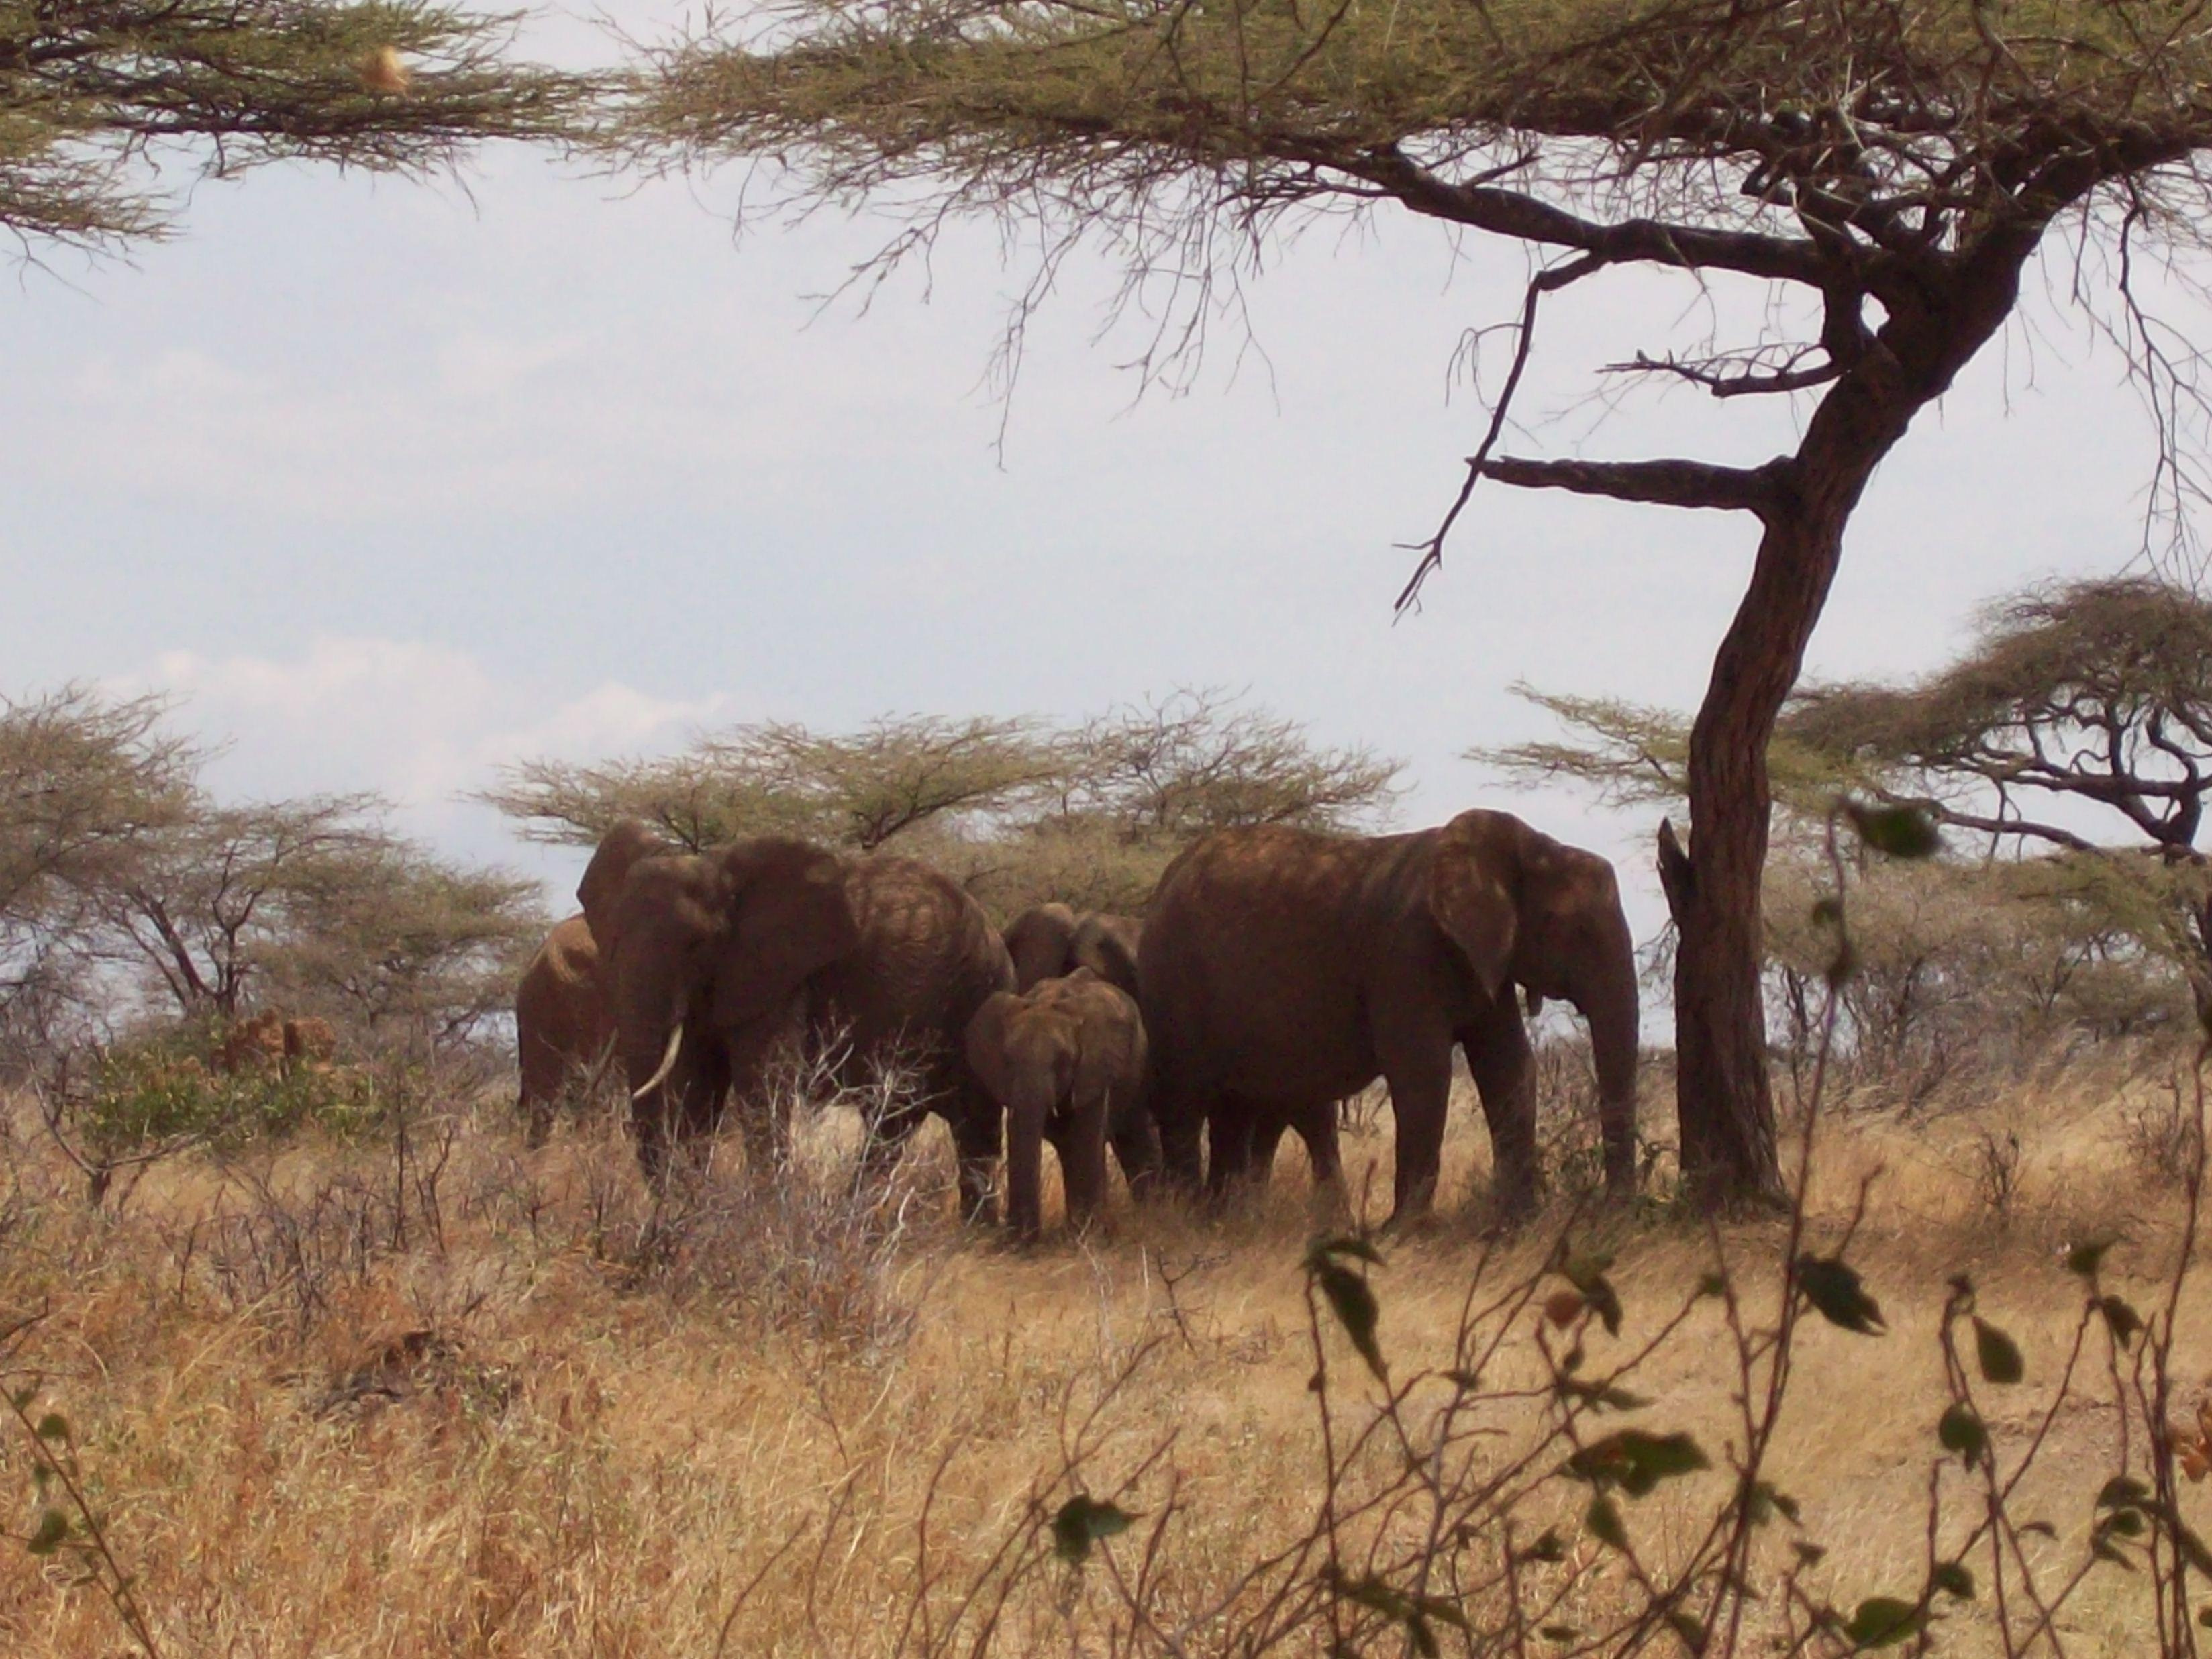 Africa Elephant Herd